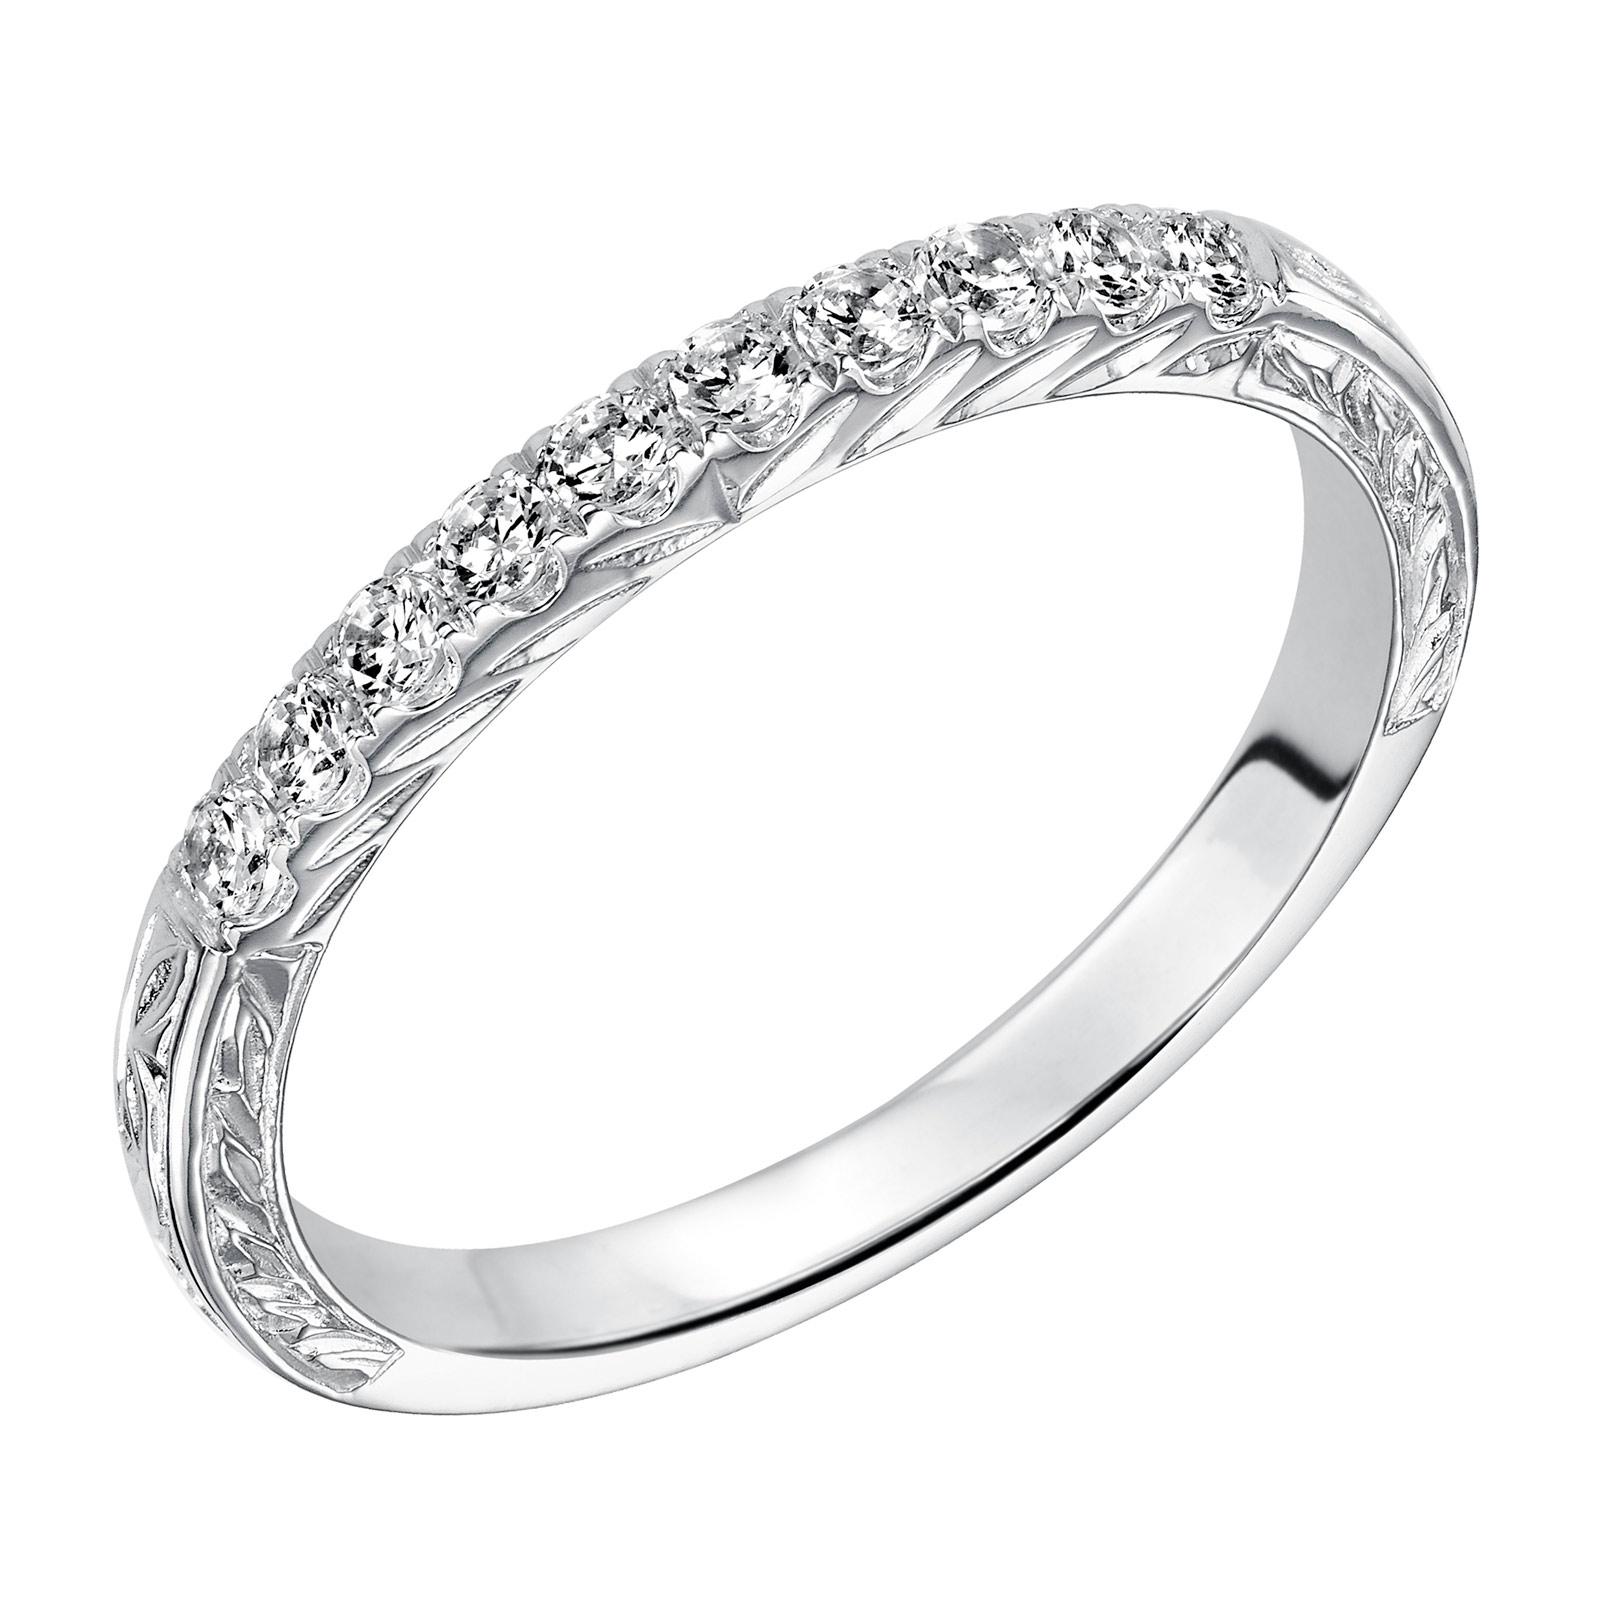 Goldman ring 33 9124w l00 long island ny goldman for Long island wedding bands